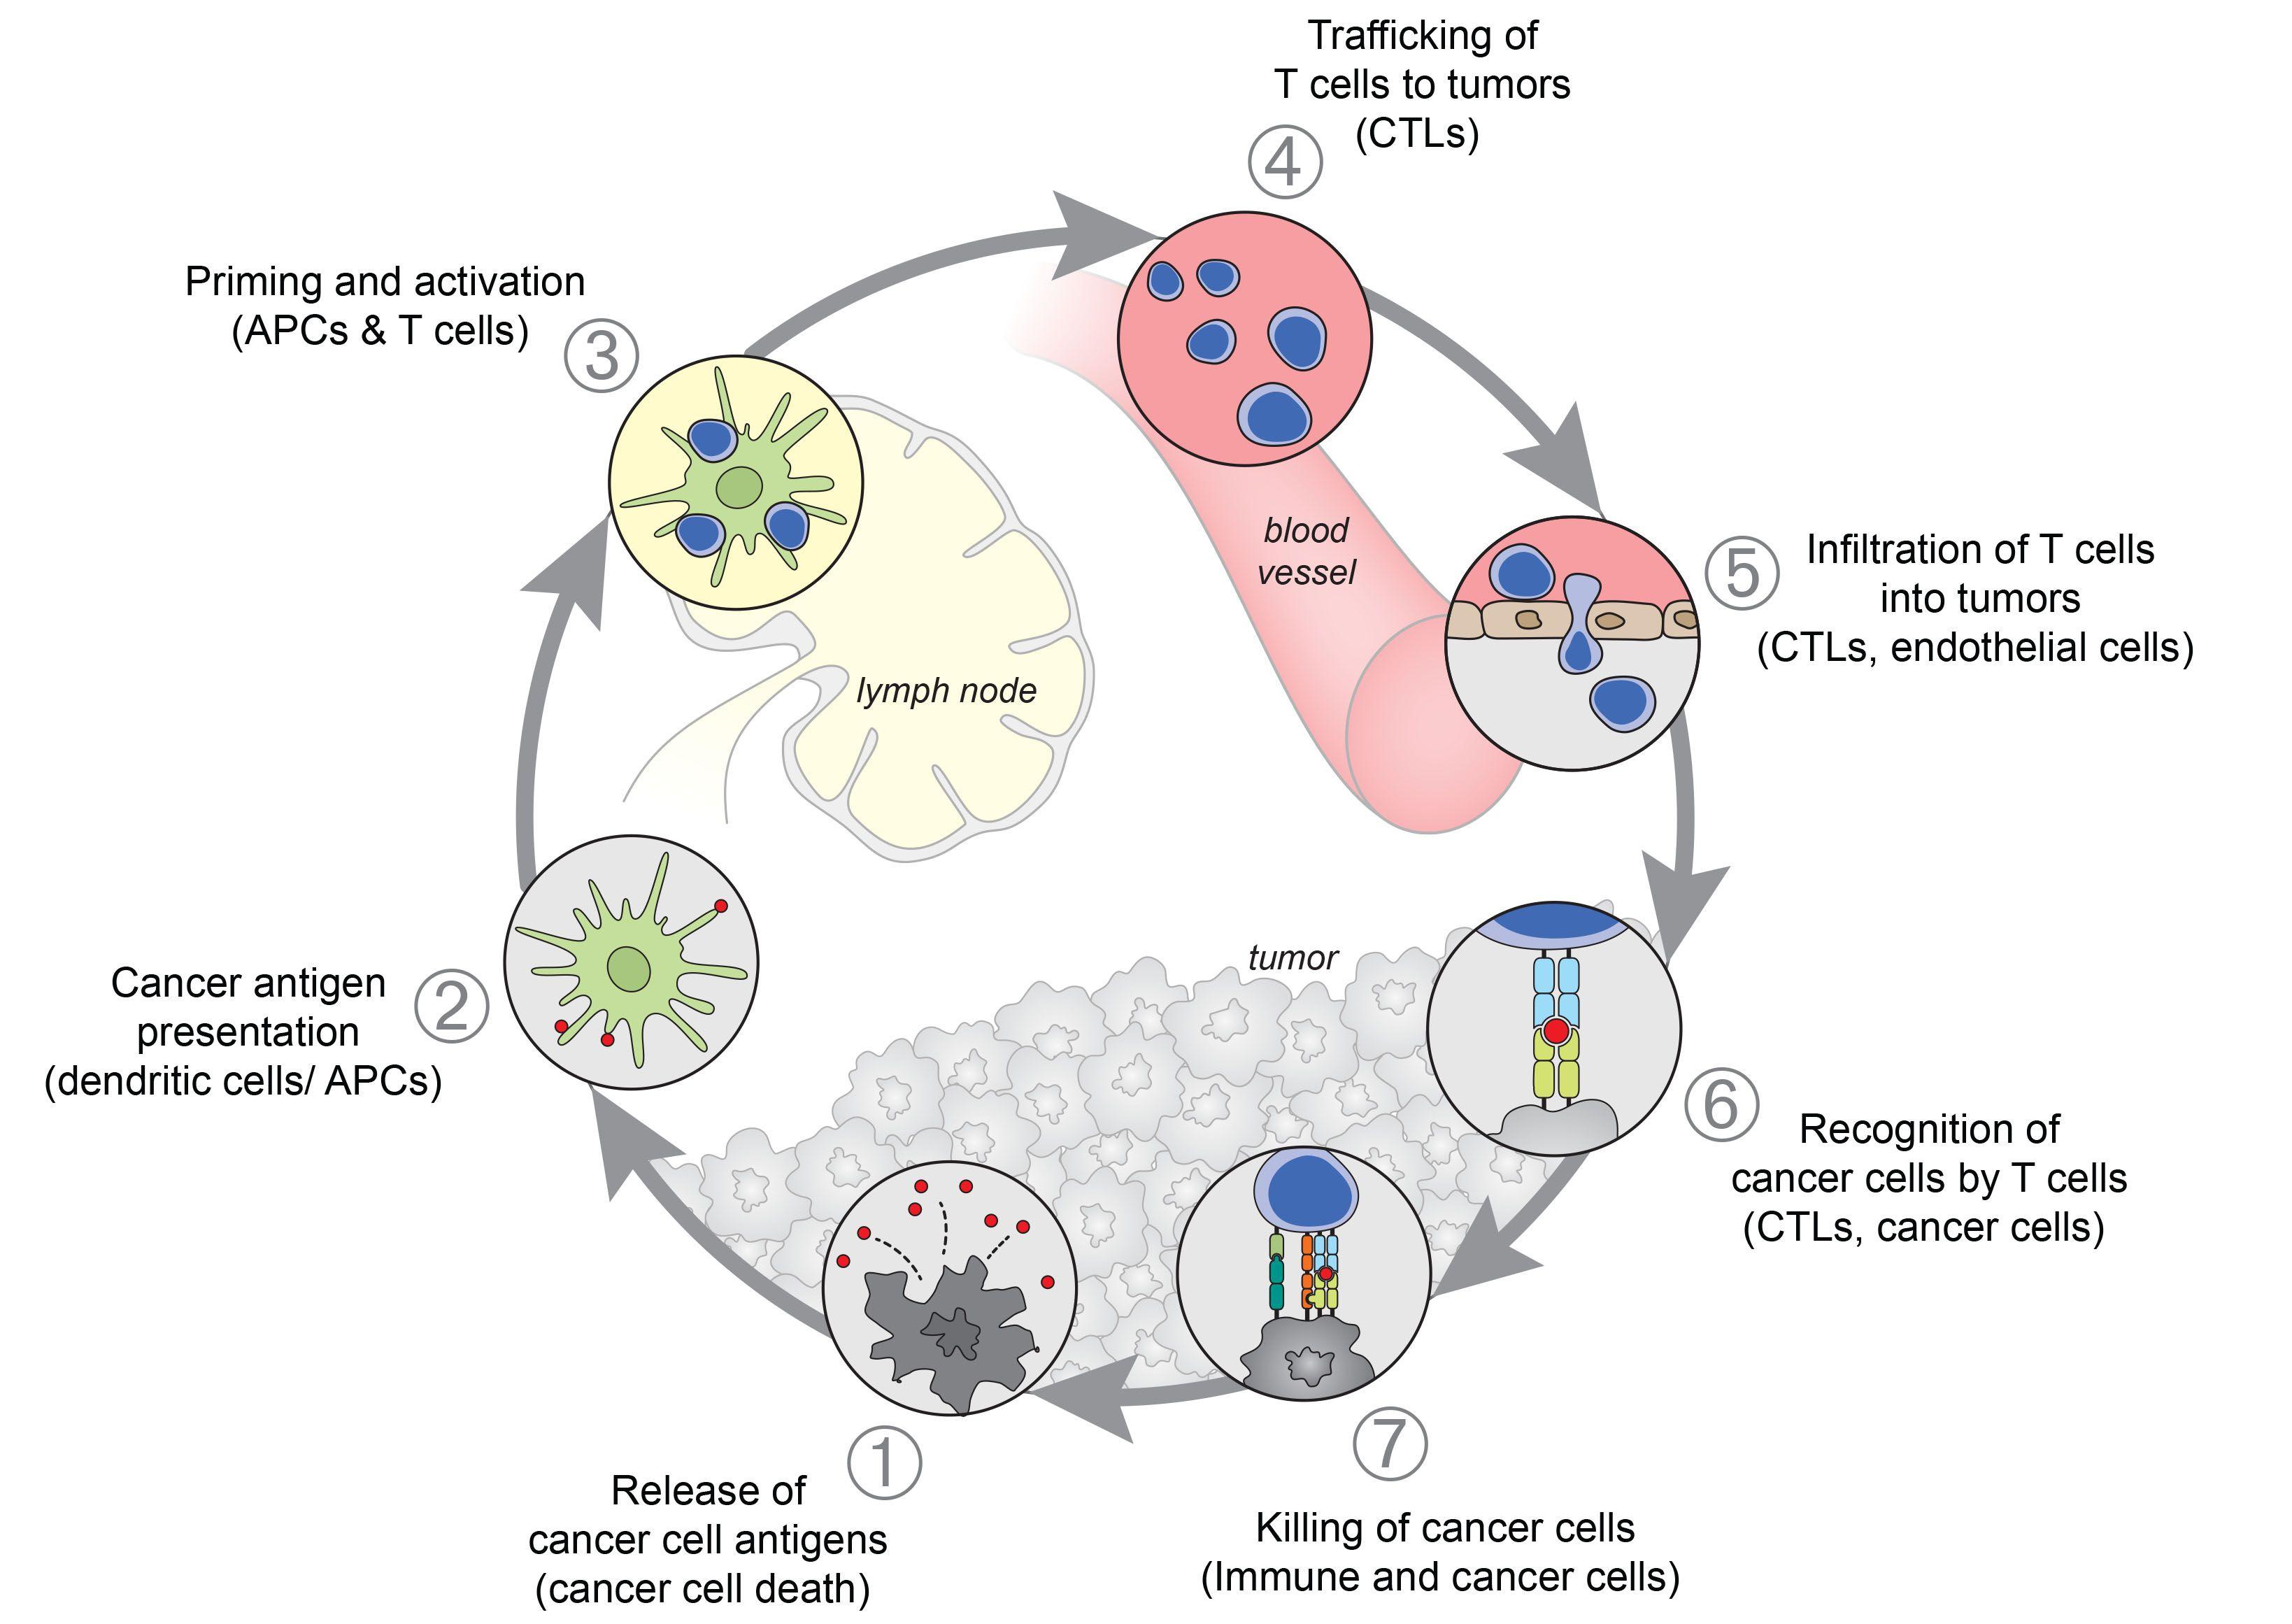 Pin von Daniel Chen auf Cancer, Immunotherapy and PD-L1 | Pinterest